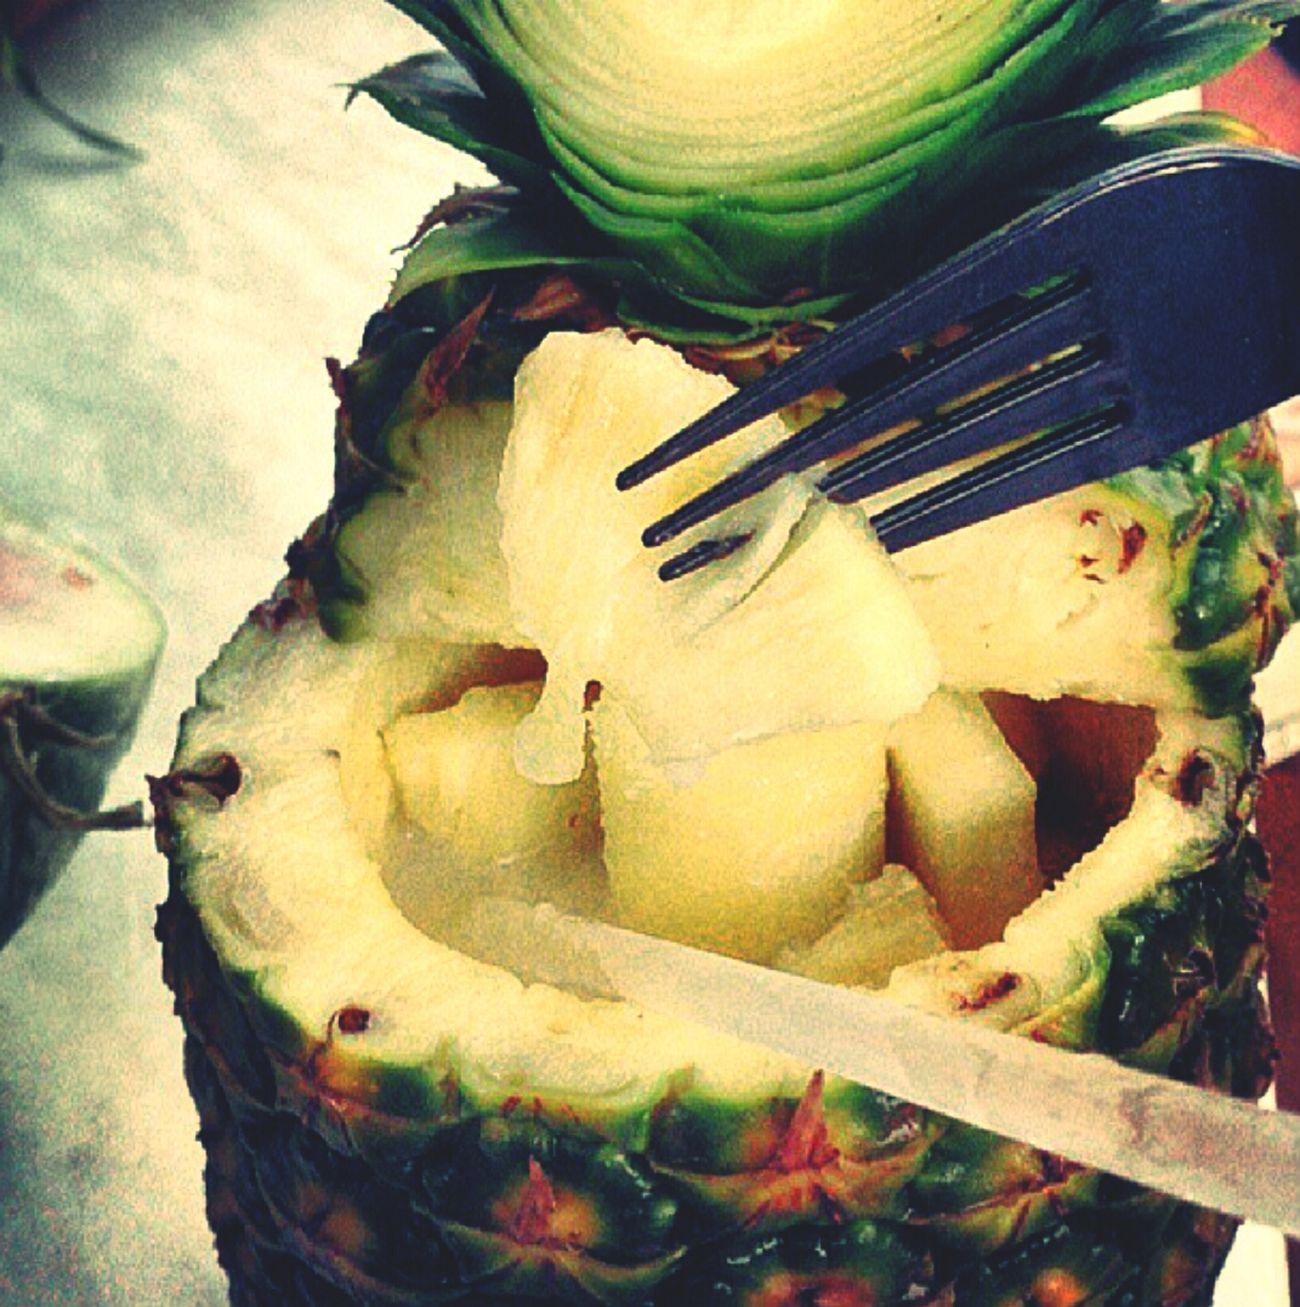 اشهى شيء لمن تكون مررررررهق ? و فجأه تاكل احلى فاكهة عندك و تكون مقطعه و داخلها عصير كراميل ??